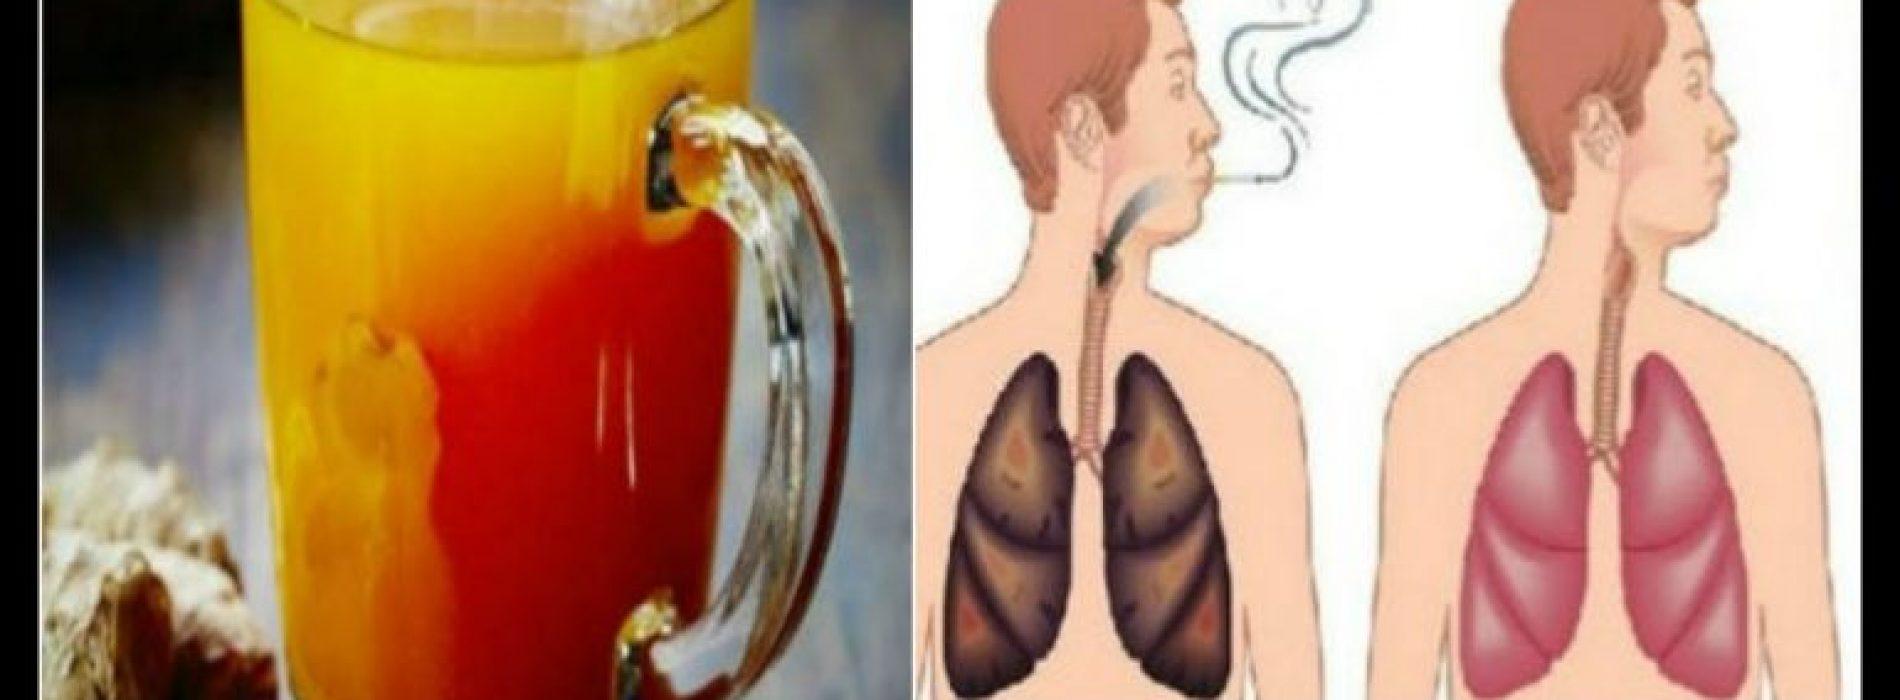 Deze natuurlijke drank zal uw longen zeer snel reinigen! Elke roker en ex-roker zou het moeten proberen!